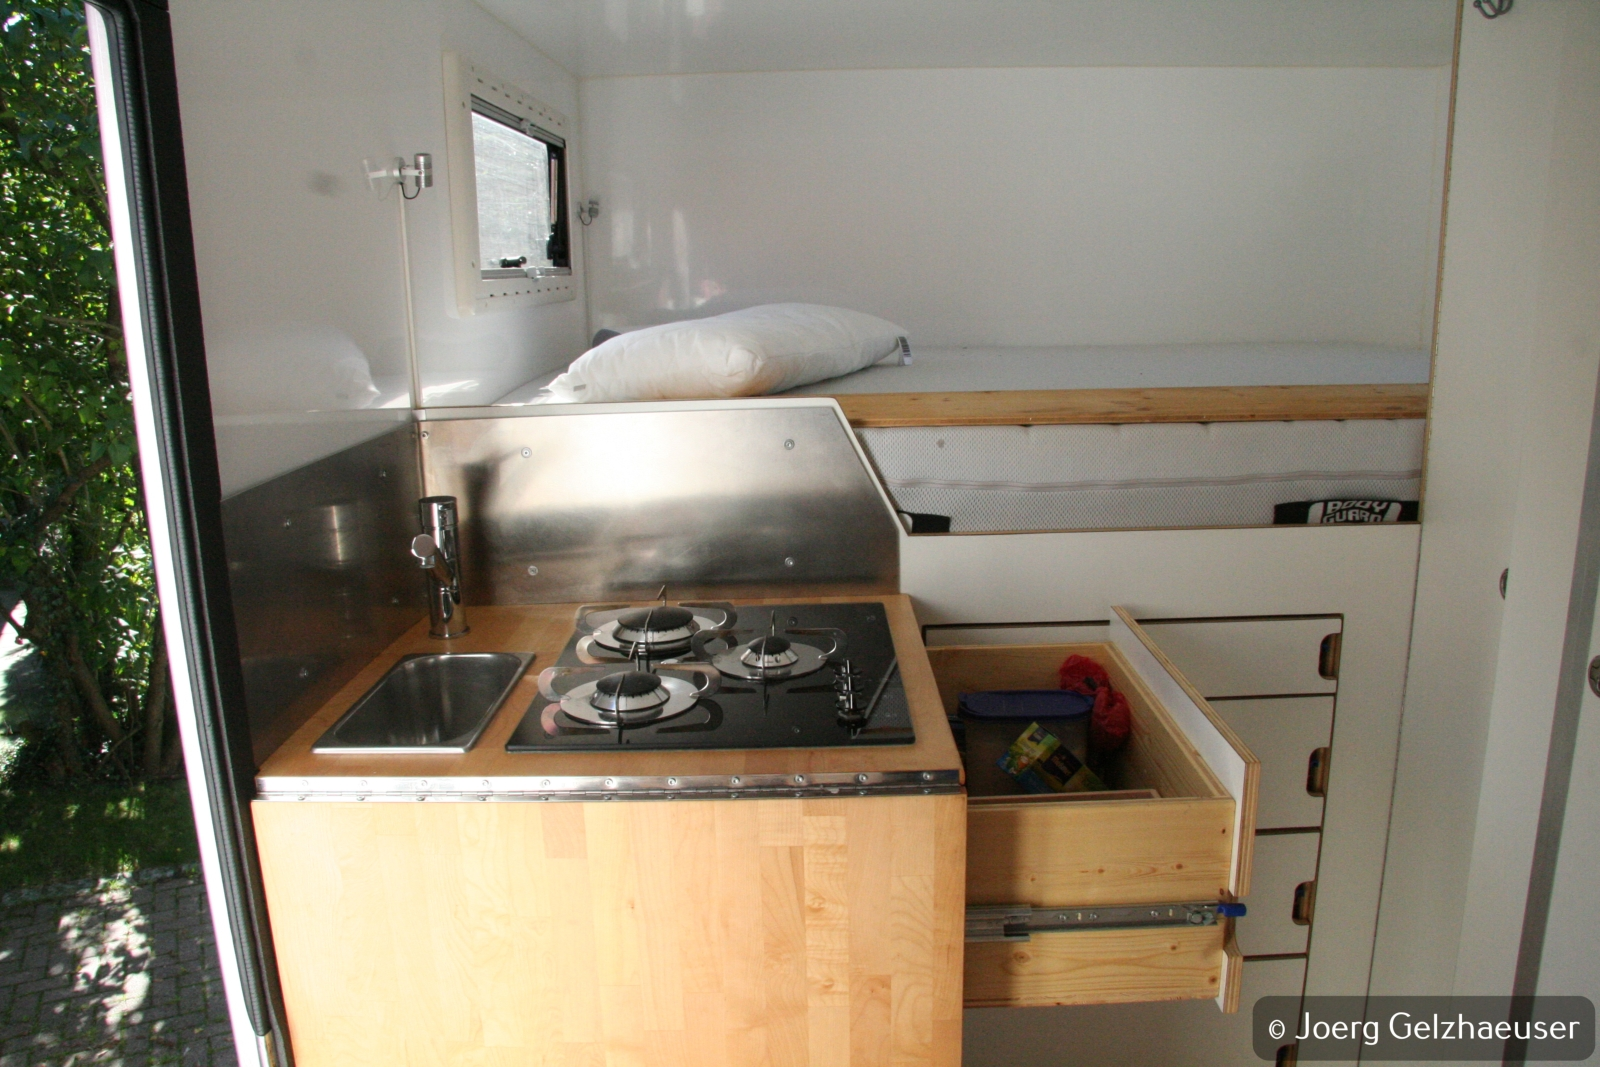 Unimog - Das universelle Motor-(Fernreise)-Gerät - Stauraum unter dem Kochfeld und über dem Kühlschrank.